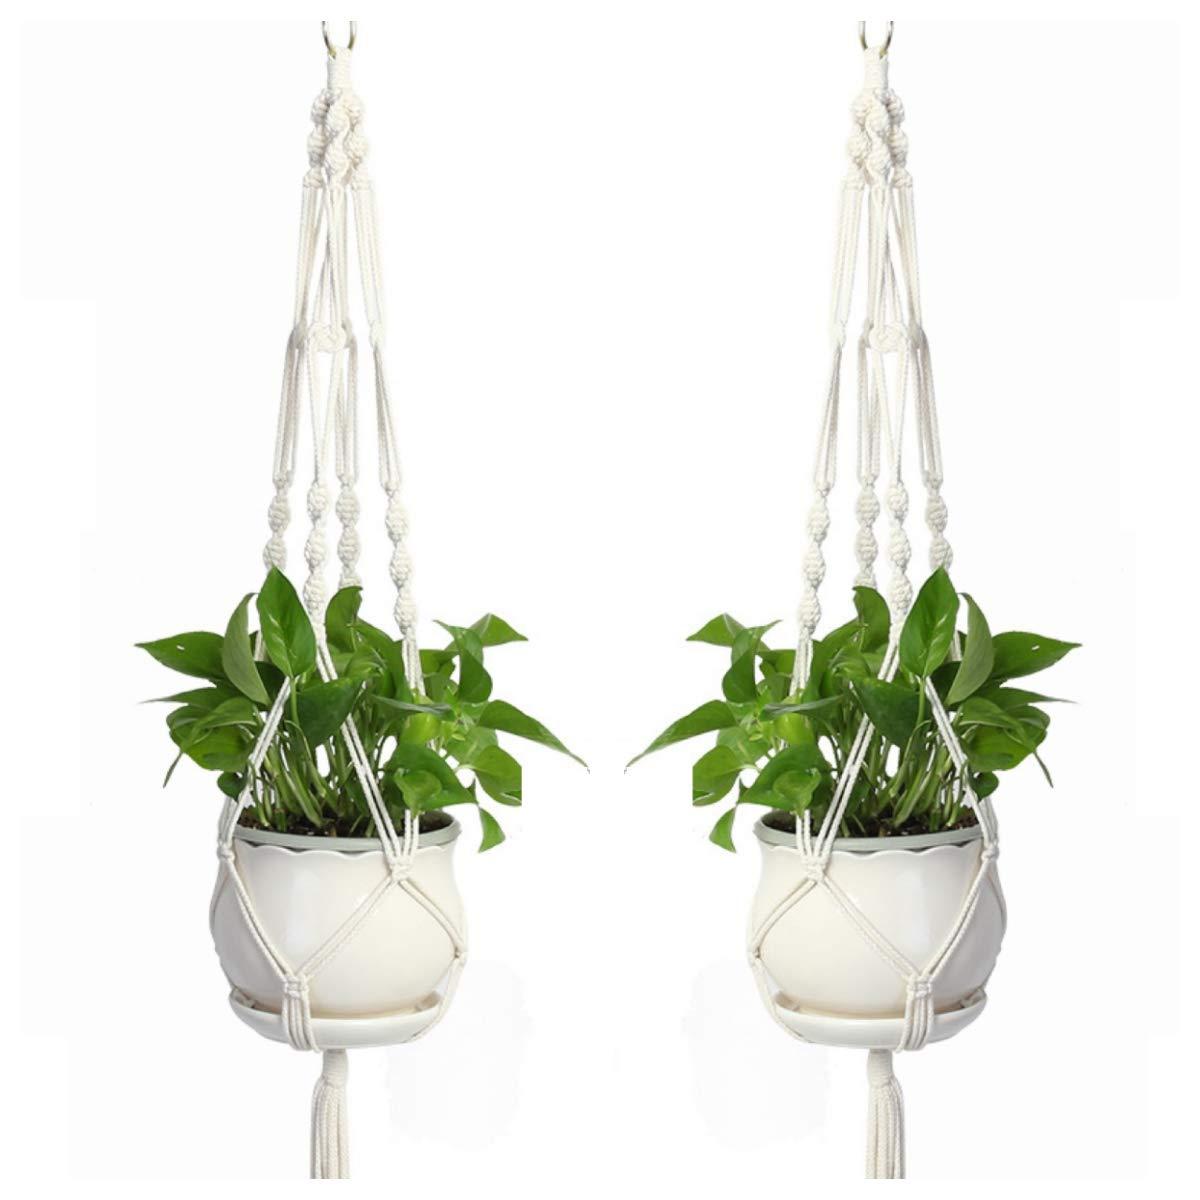 Macrame Plant Hanger Set of 2, 41 Inch Handmade Cotton Plant Holder Hanging Planter Wall Art,Flower Pot Holder Boho Home D cor